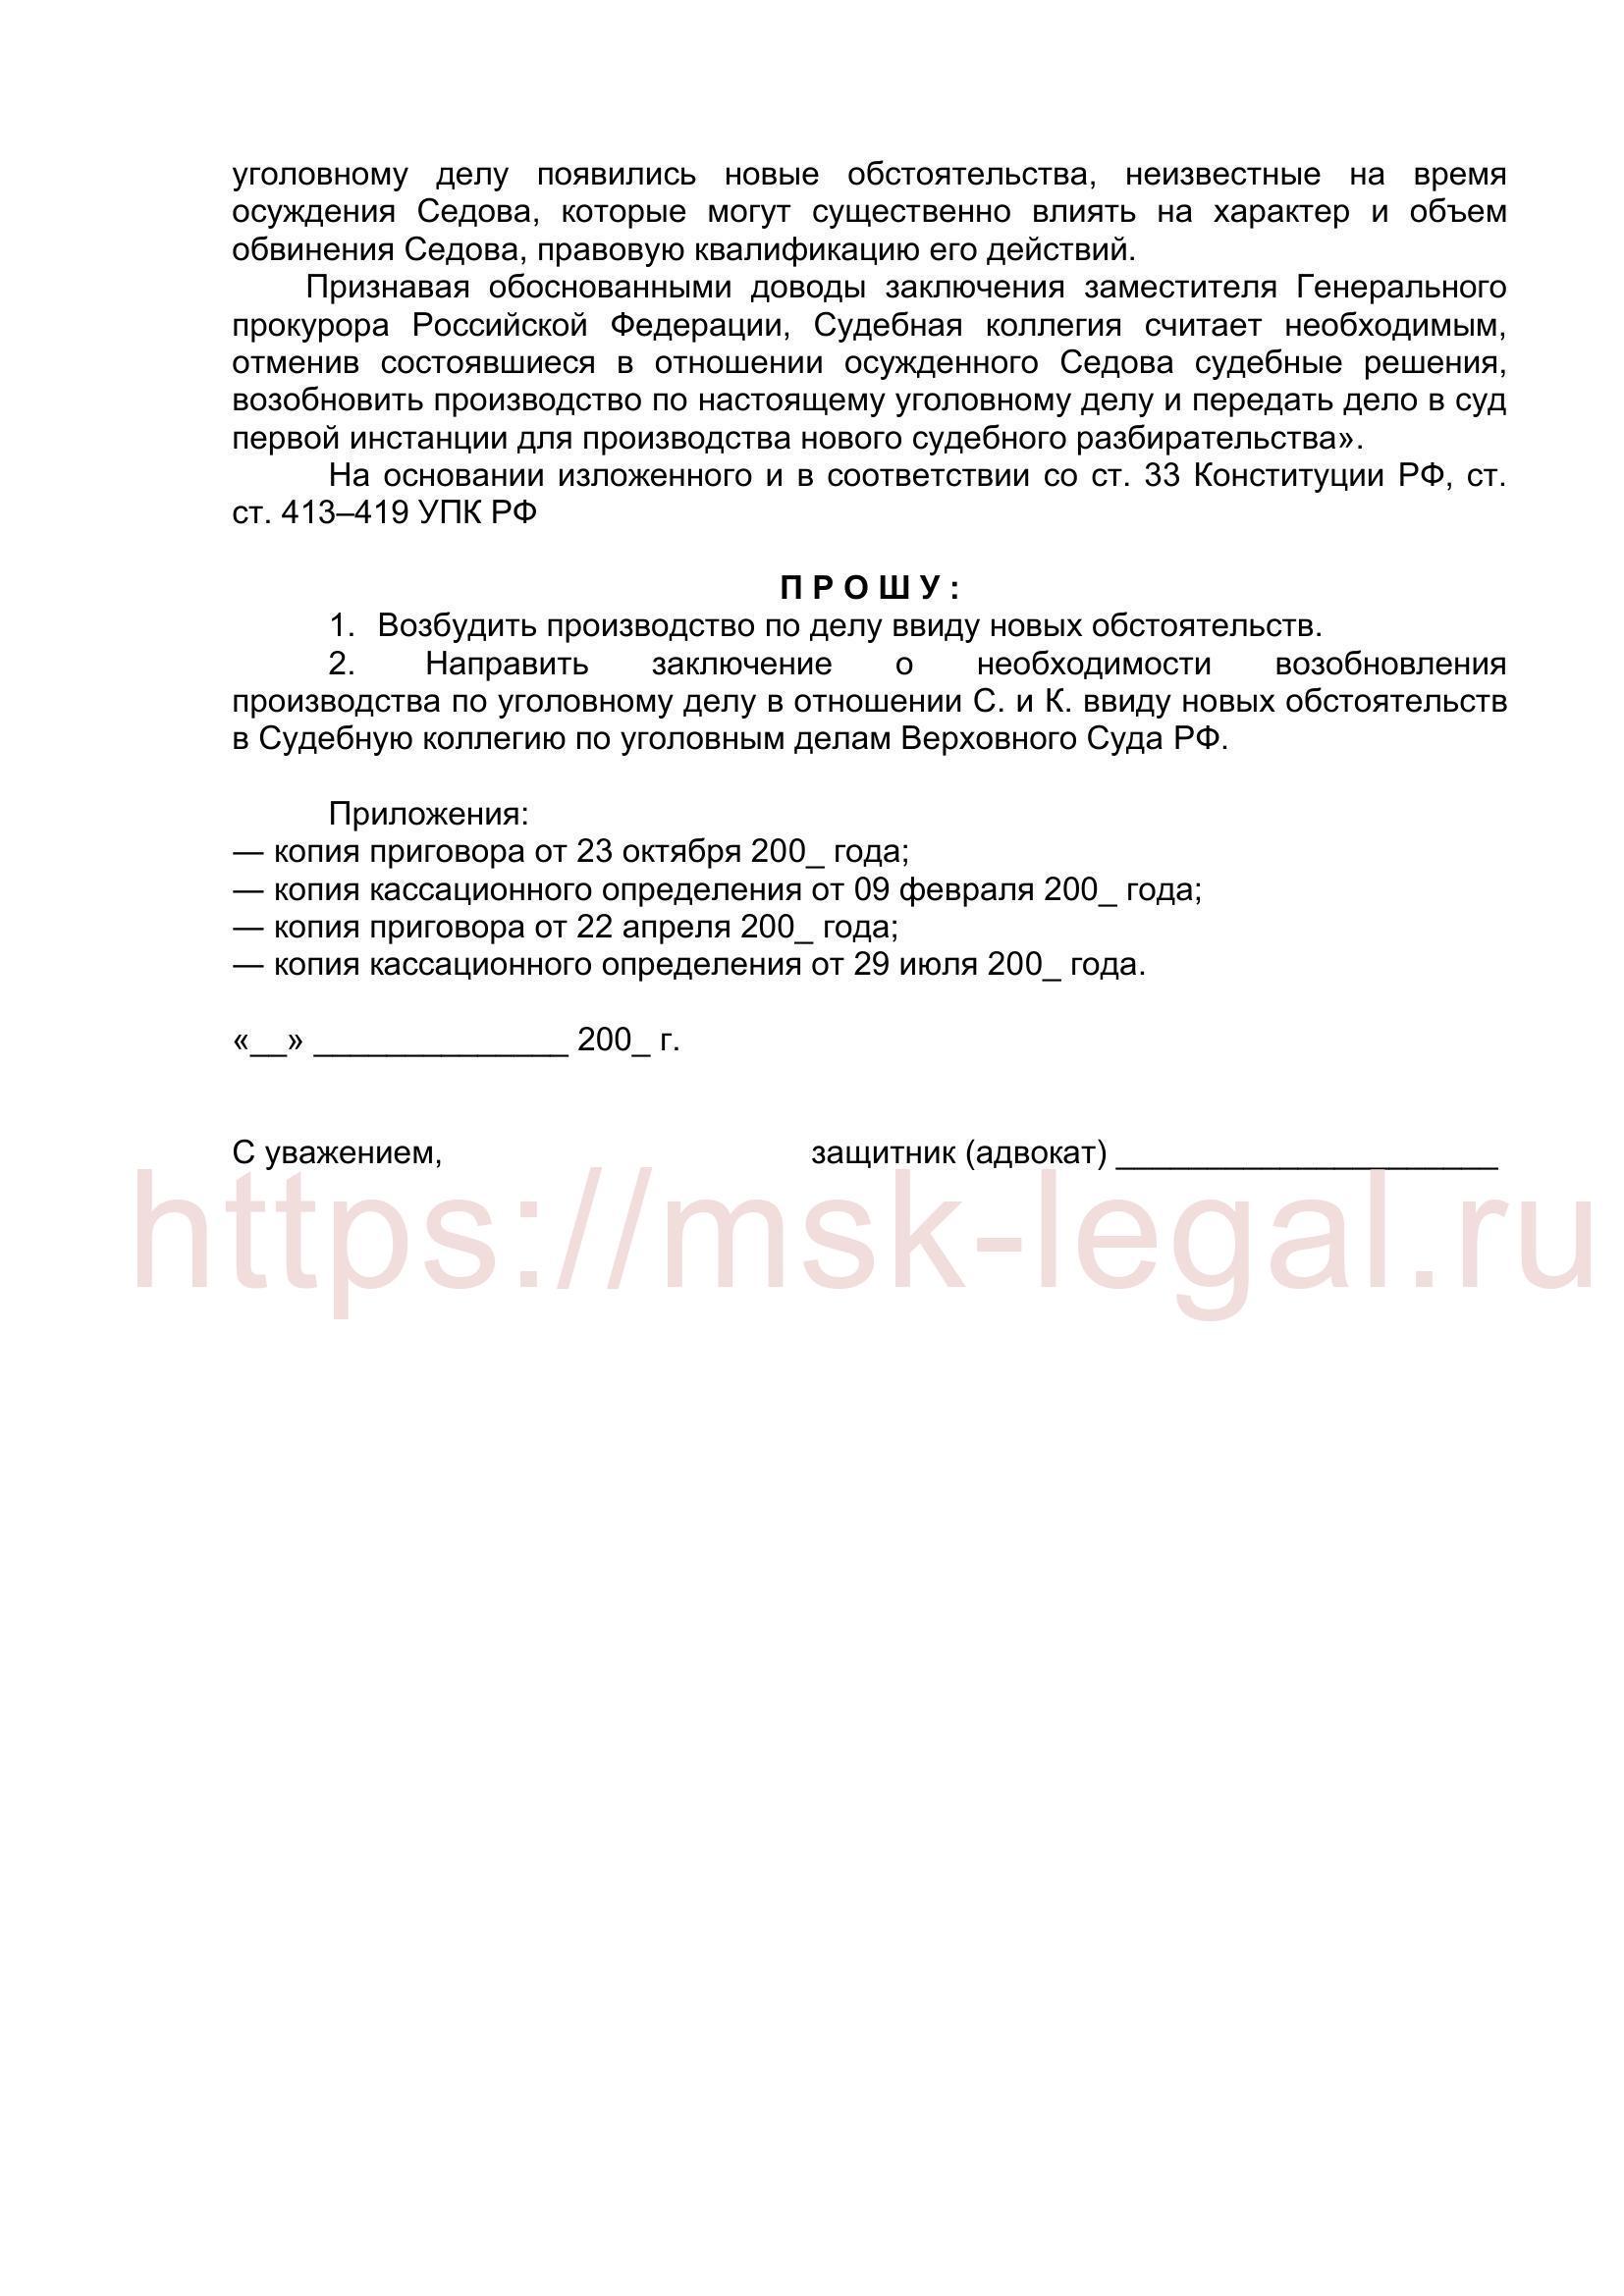 Обращение к прокурору о возобновлении дела ввиду новых обстоятельств